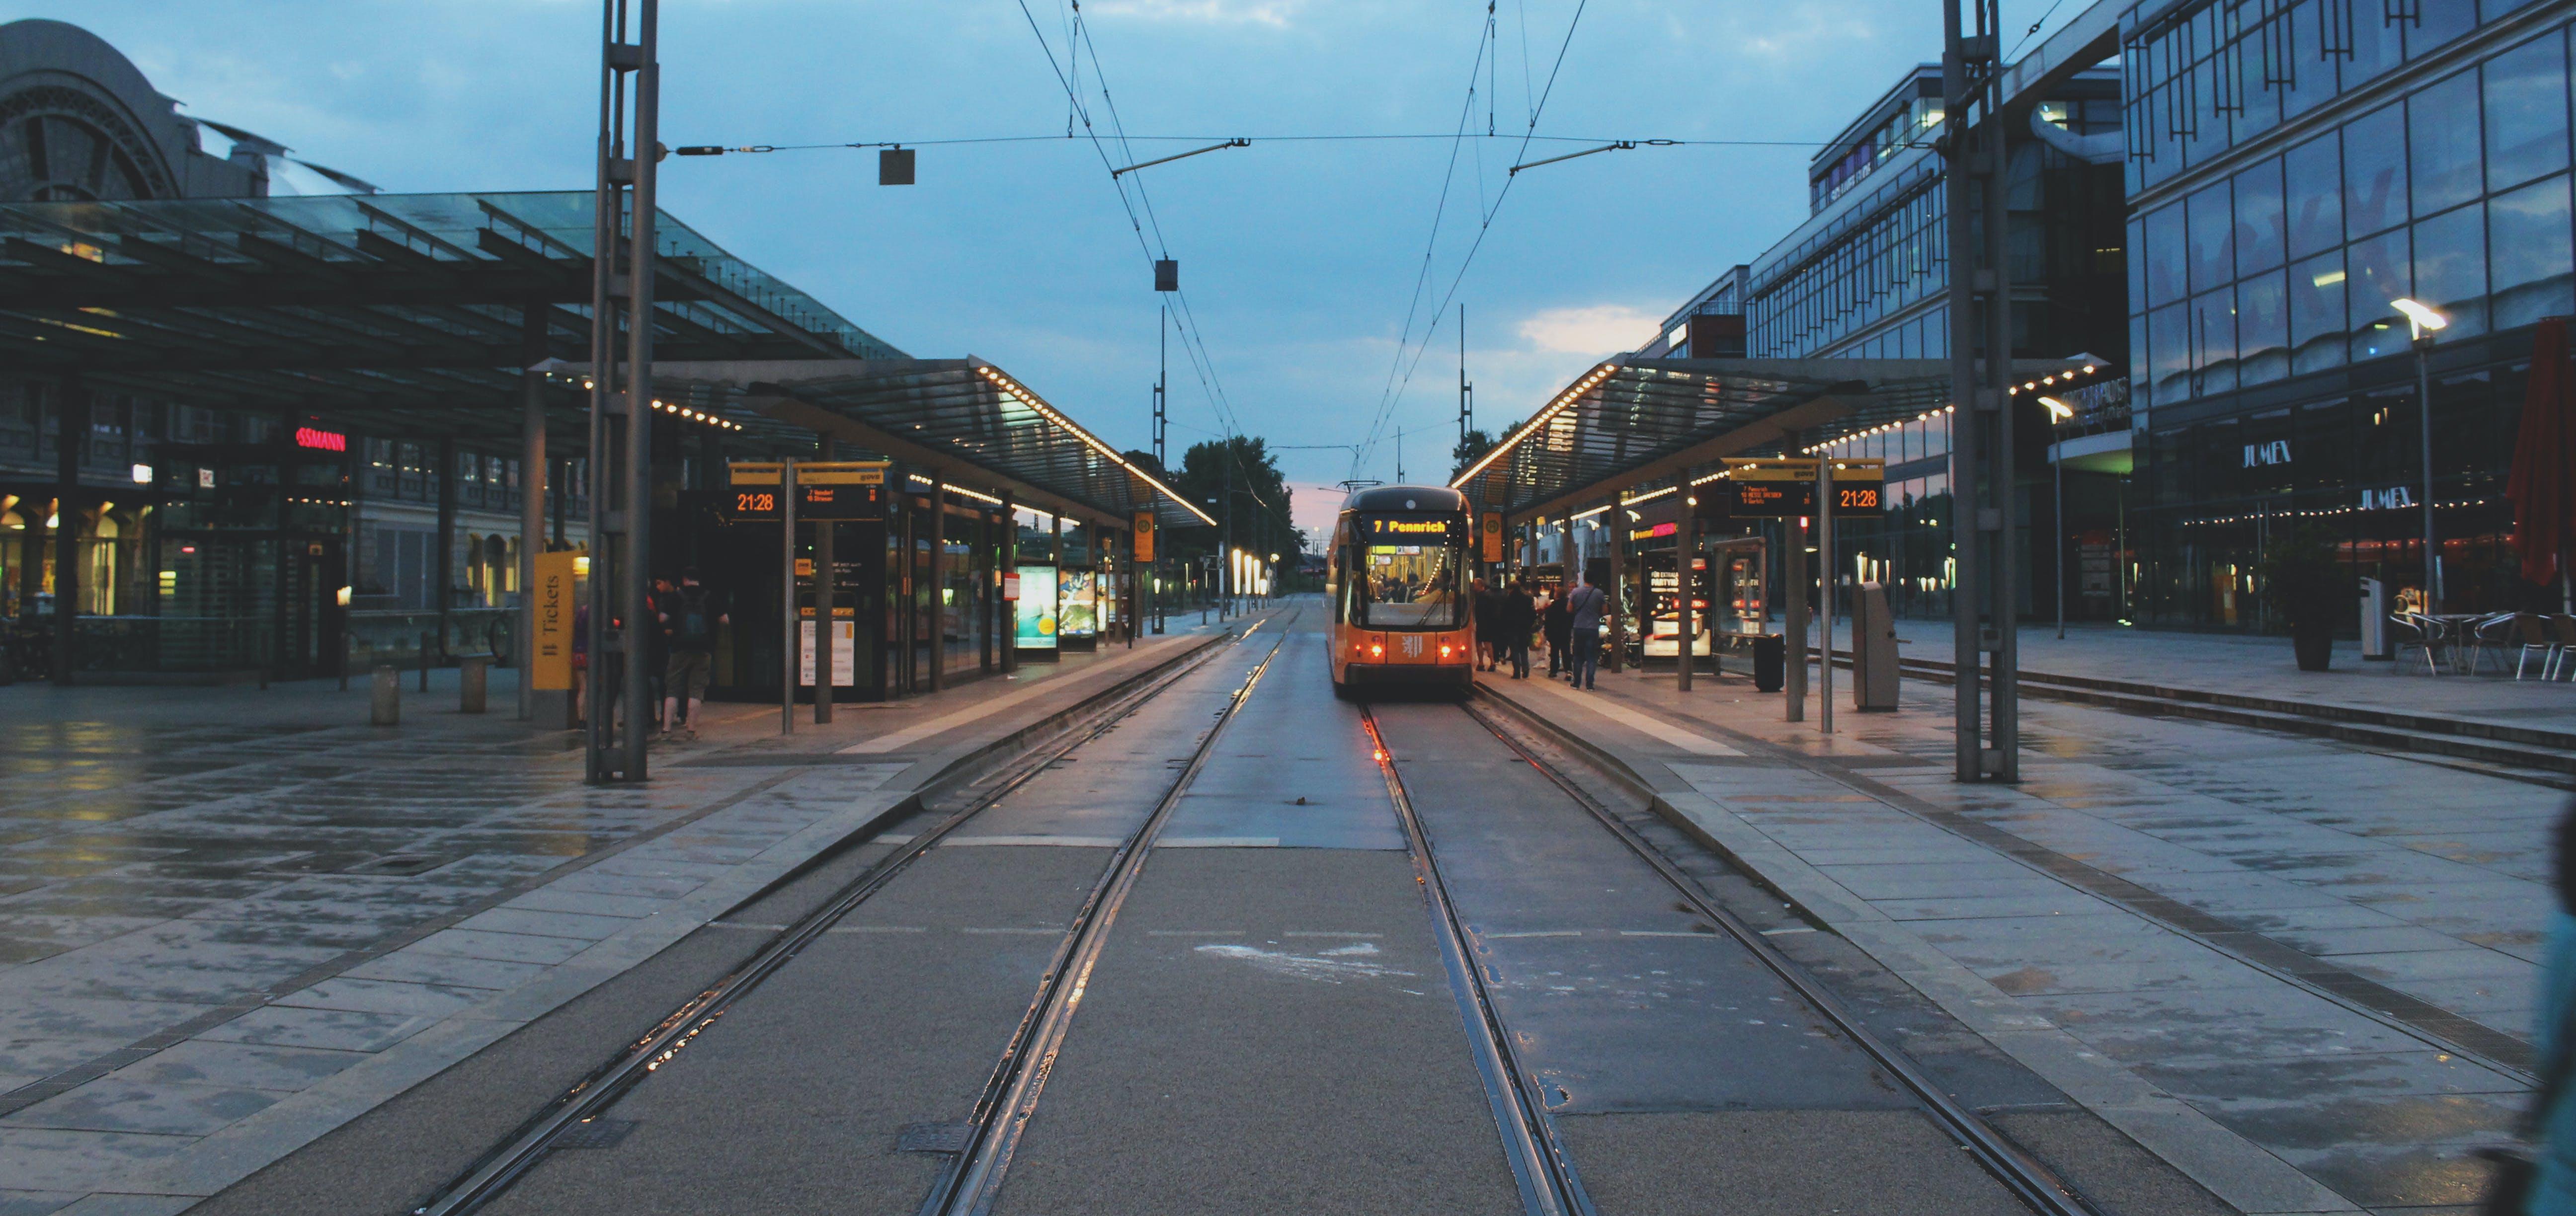 Kostenloses Stock Foto zu dresden, stadt, straßenbahn, straßenbahnlinien